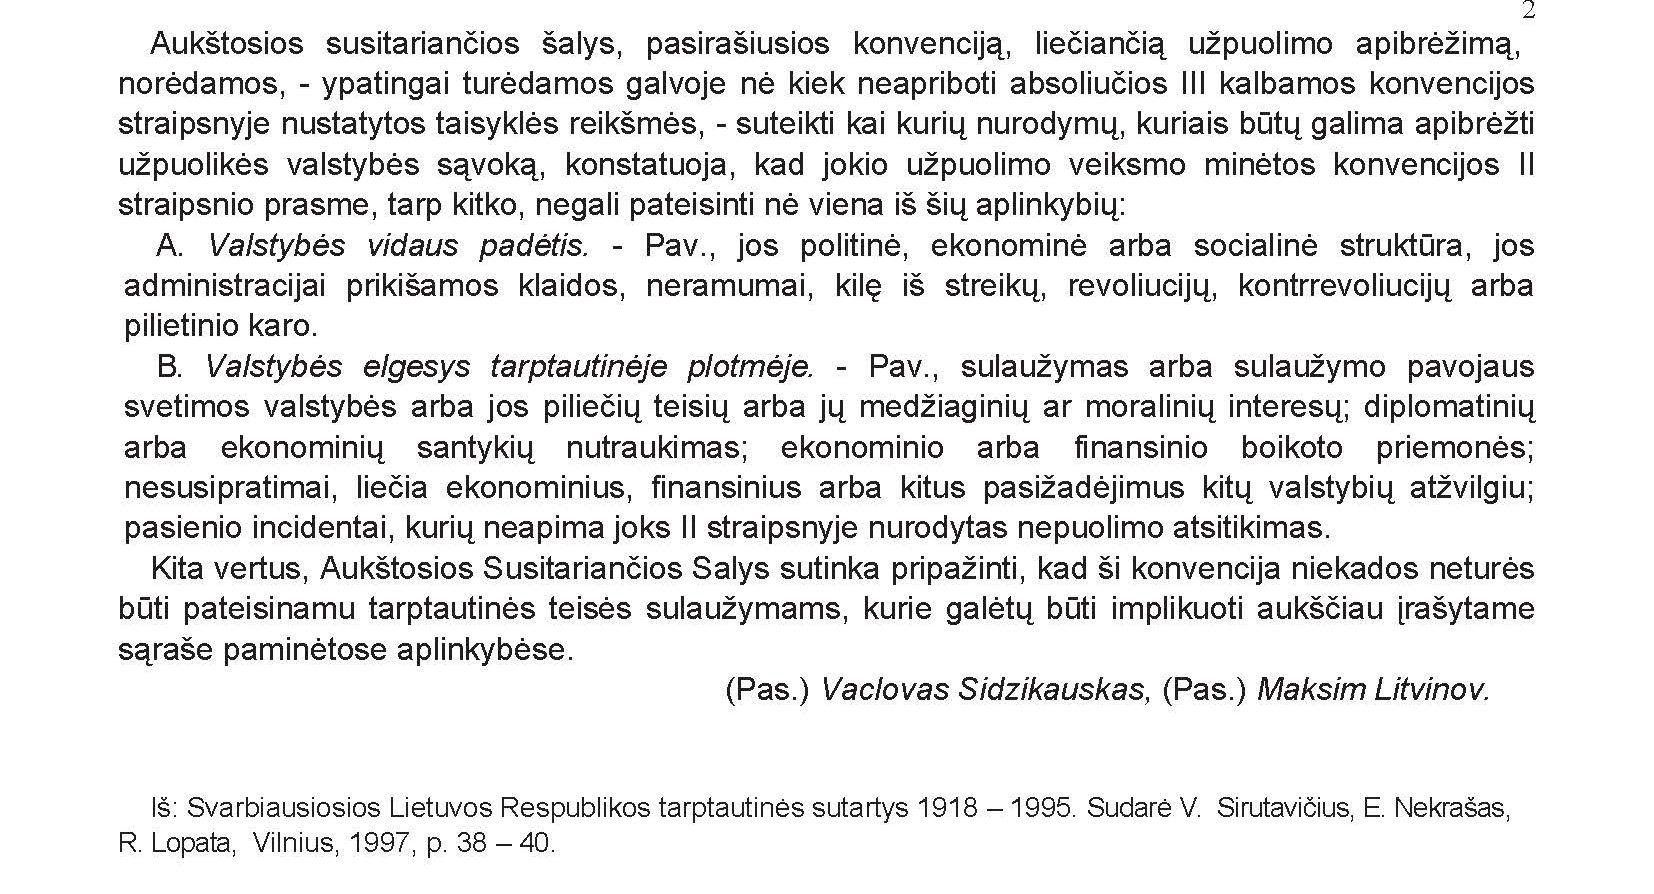 2-1933_07_05_Lietuvos_ir_TSRS_konvencija_užpuolimui_apibrėžti_Page_2